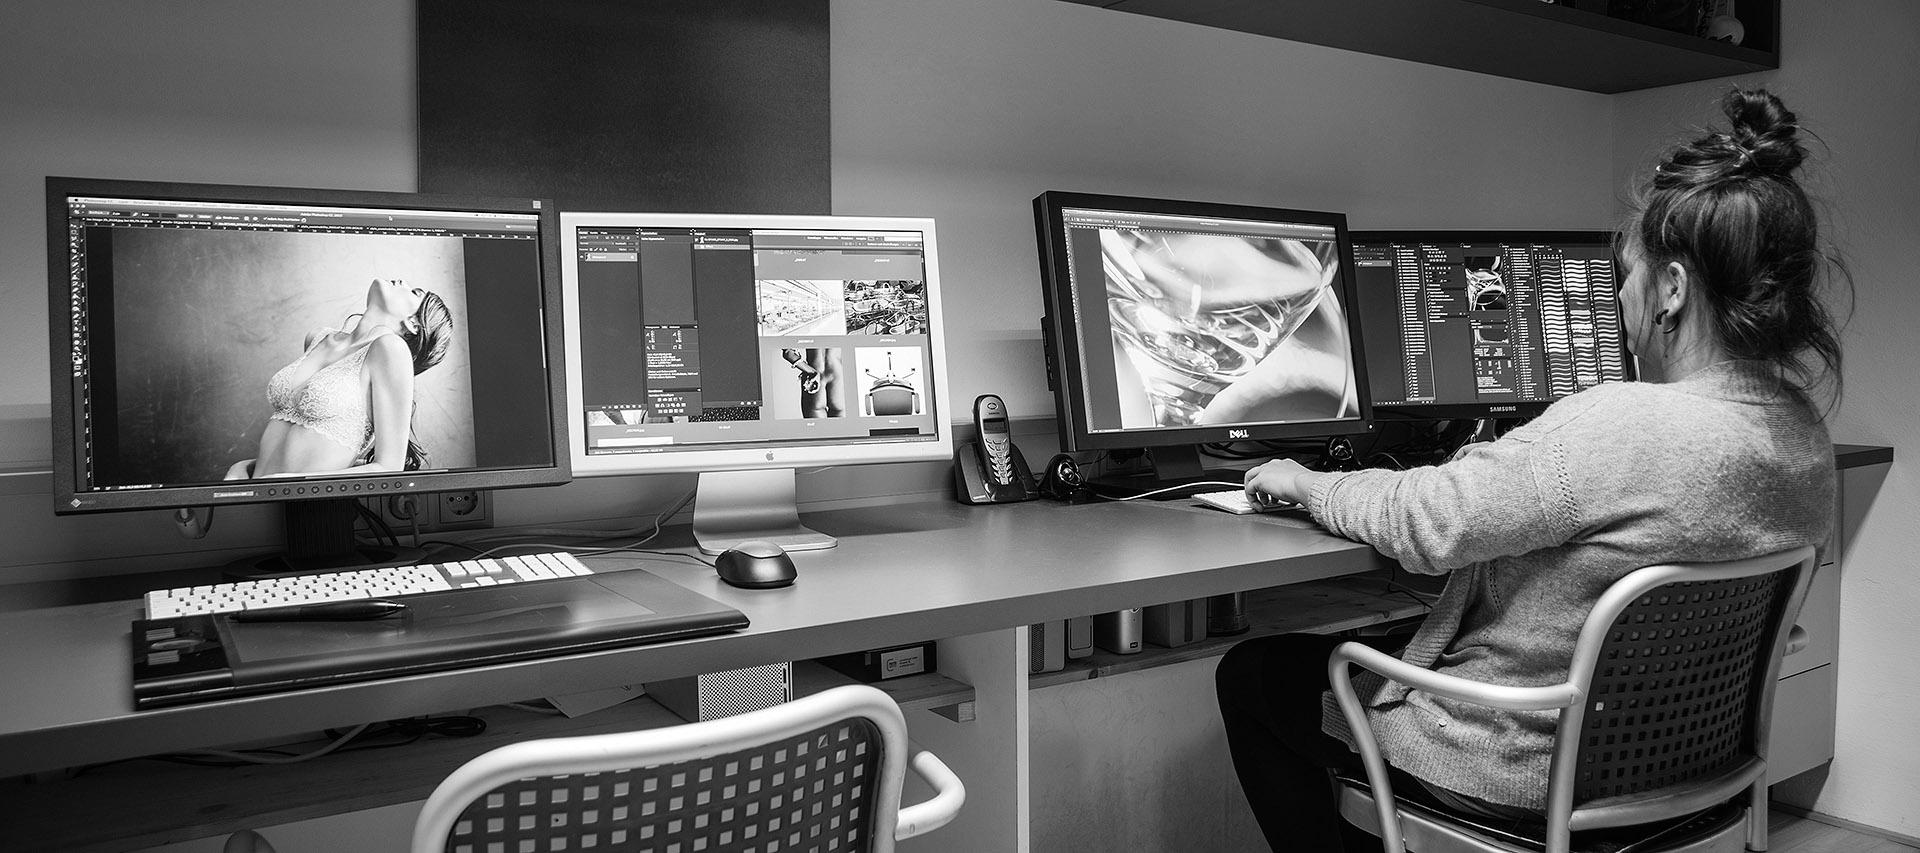 Bestens ausgestattete Arbeitsplätze sorgen für einen effizienten Workflow in der Bildbearbeitung und Bildmontage